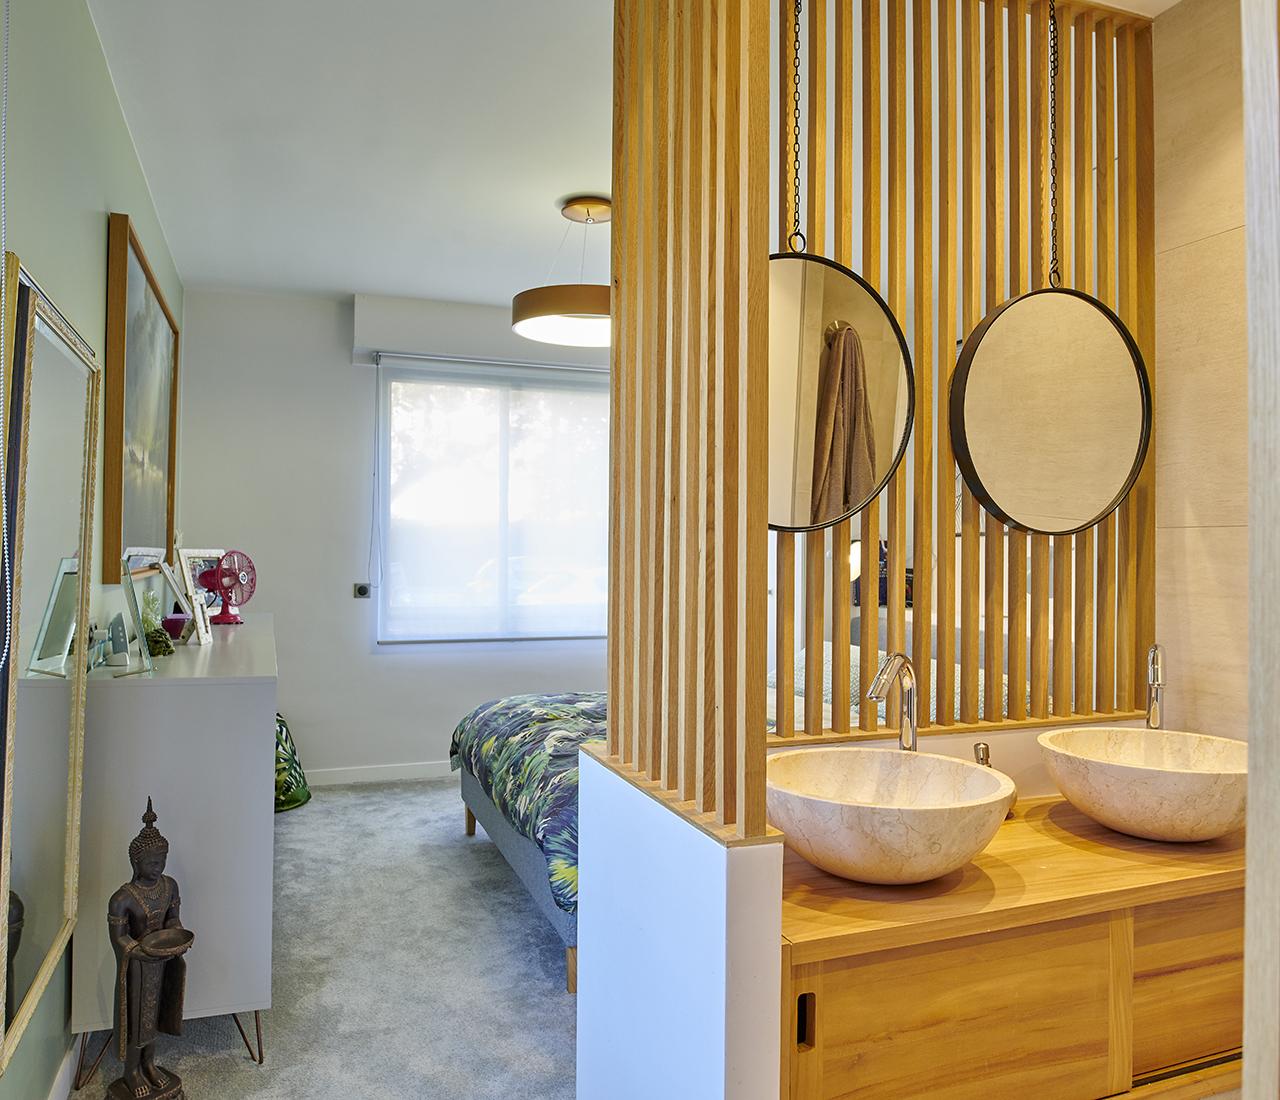 st-germain_bathroom_2